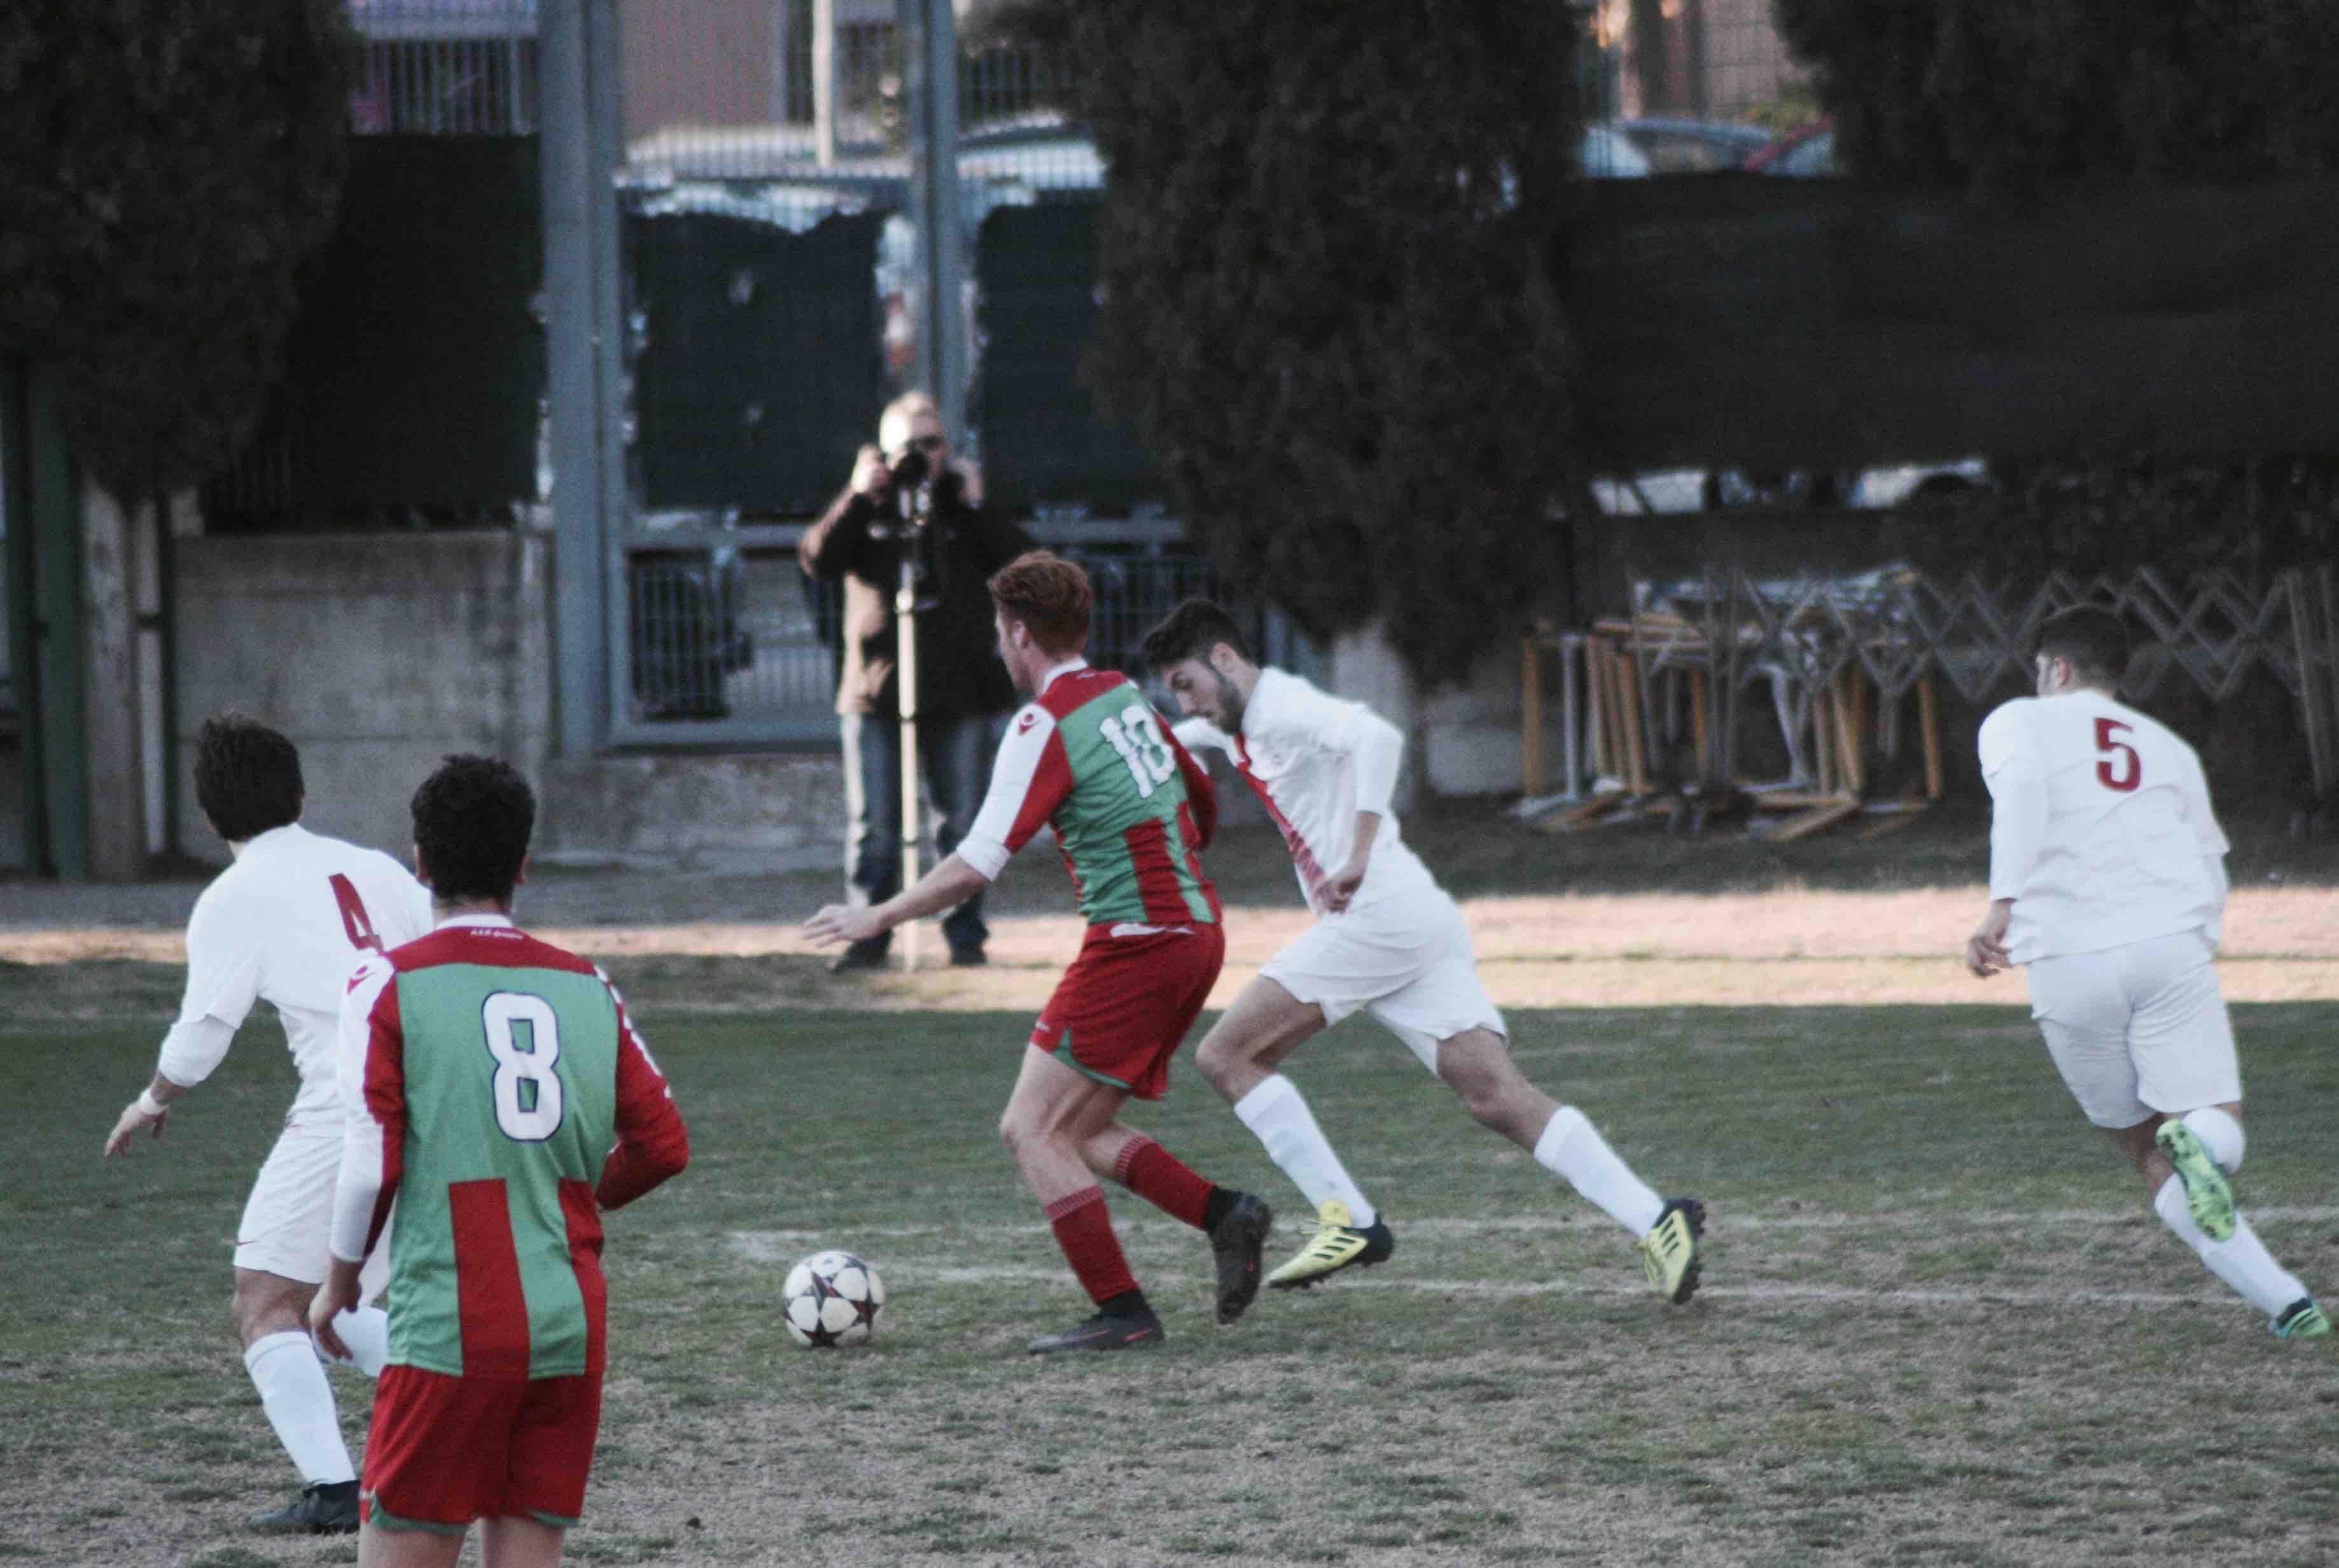 Juniores regionali derby fiorentino per il grassina al for Bagno a ripoli calcio